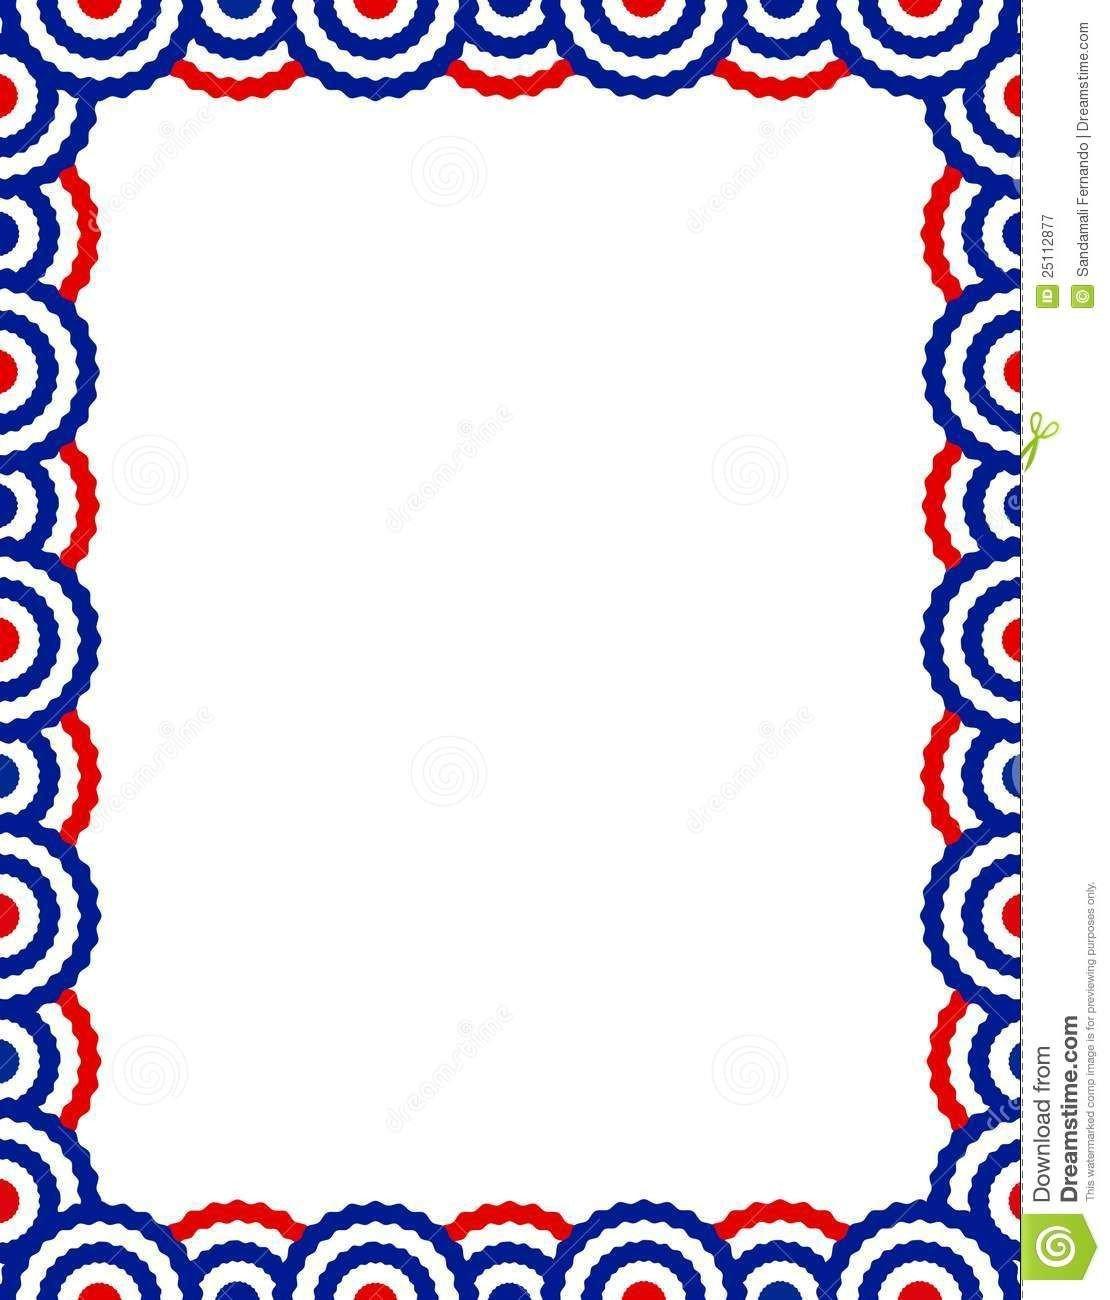 Veterans Day Borders Free Patriotic Page Borders Patriotic Border